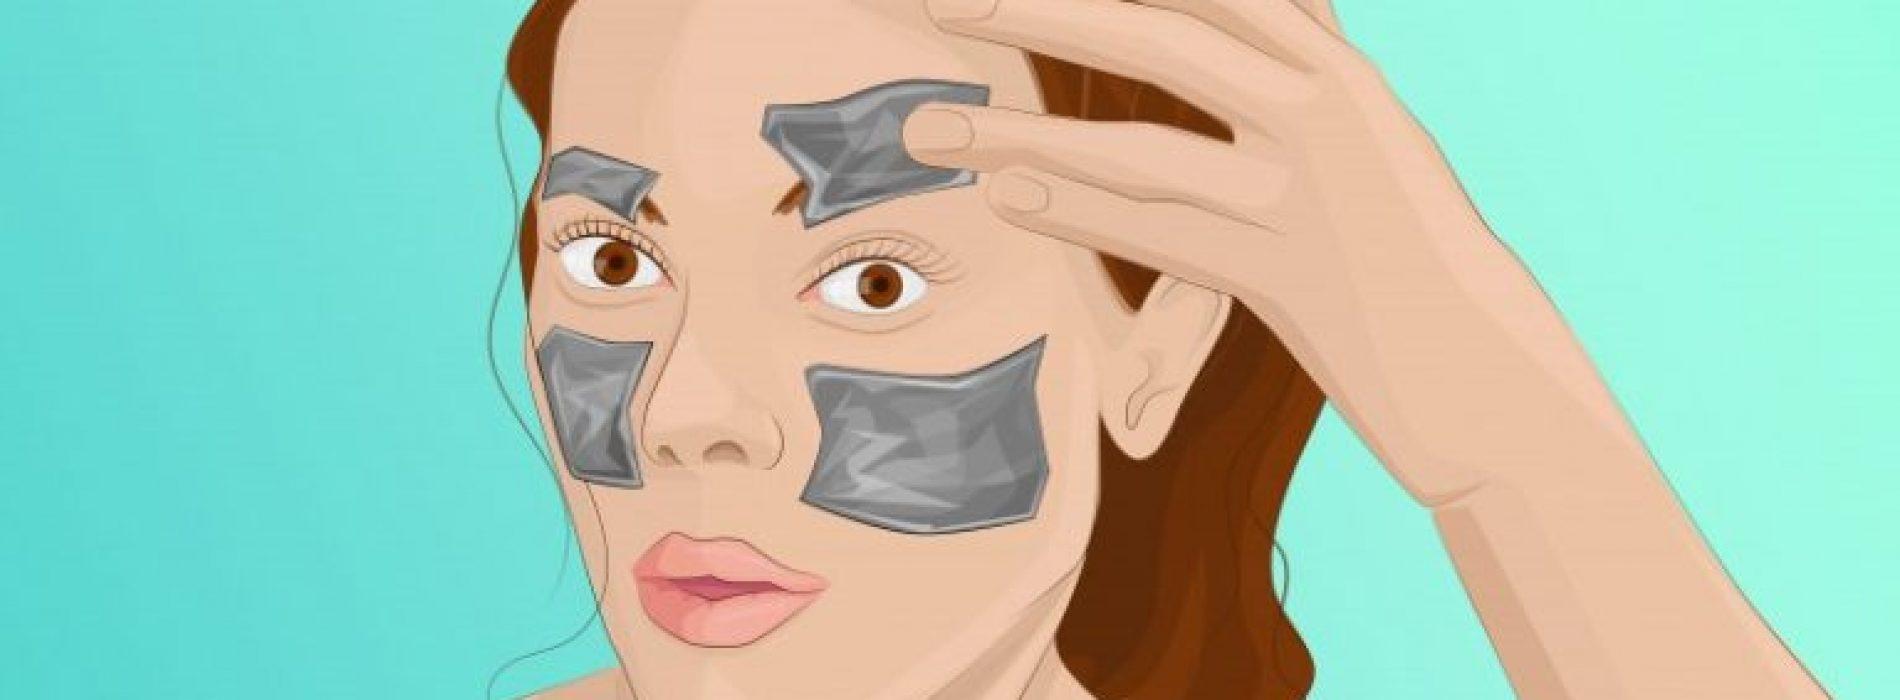 Ze legde een stukje aluminiumfolie op haar gezicht en kreeg na een uur DIT resultaat!